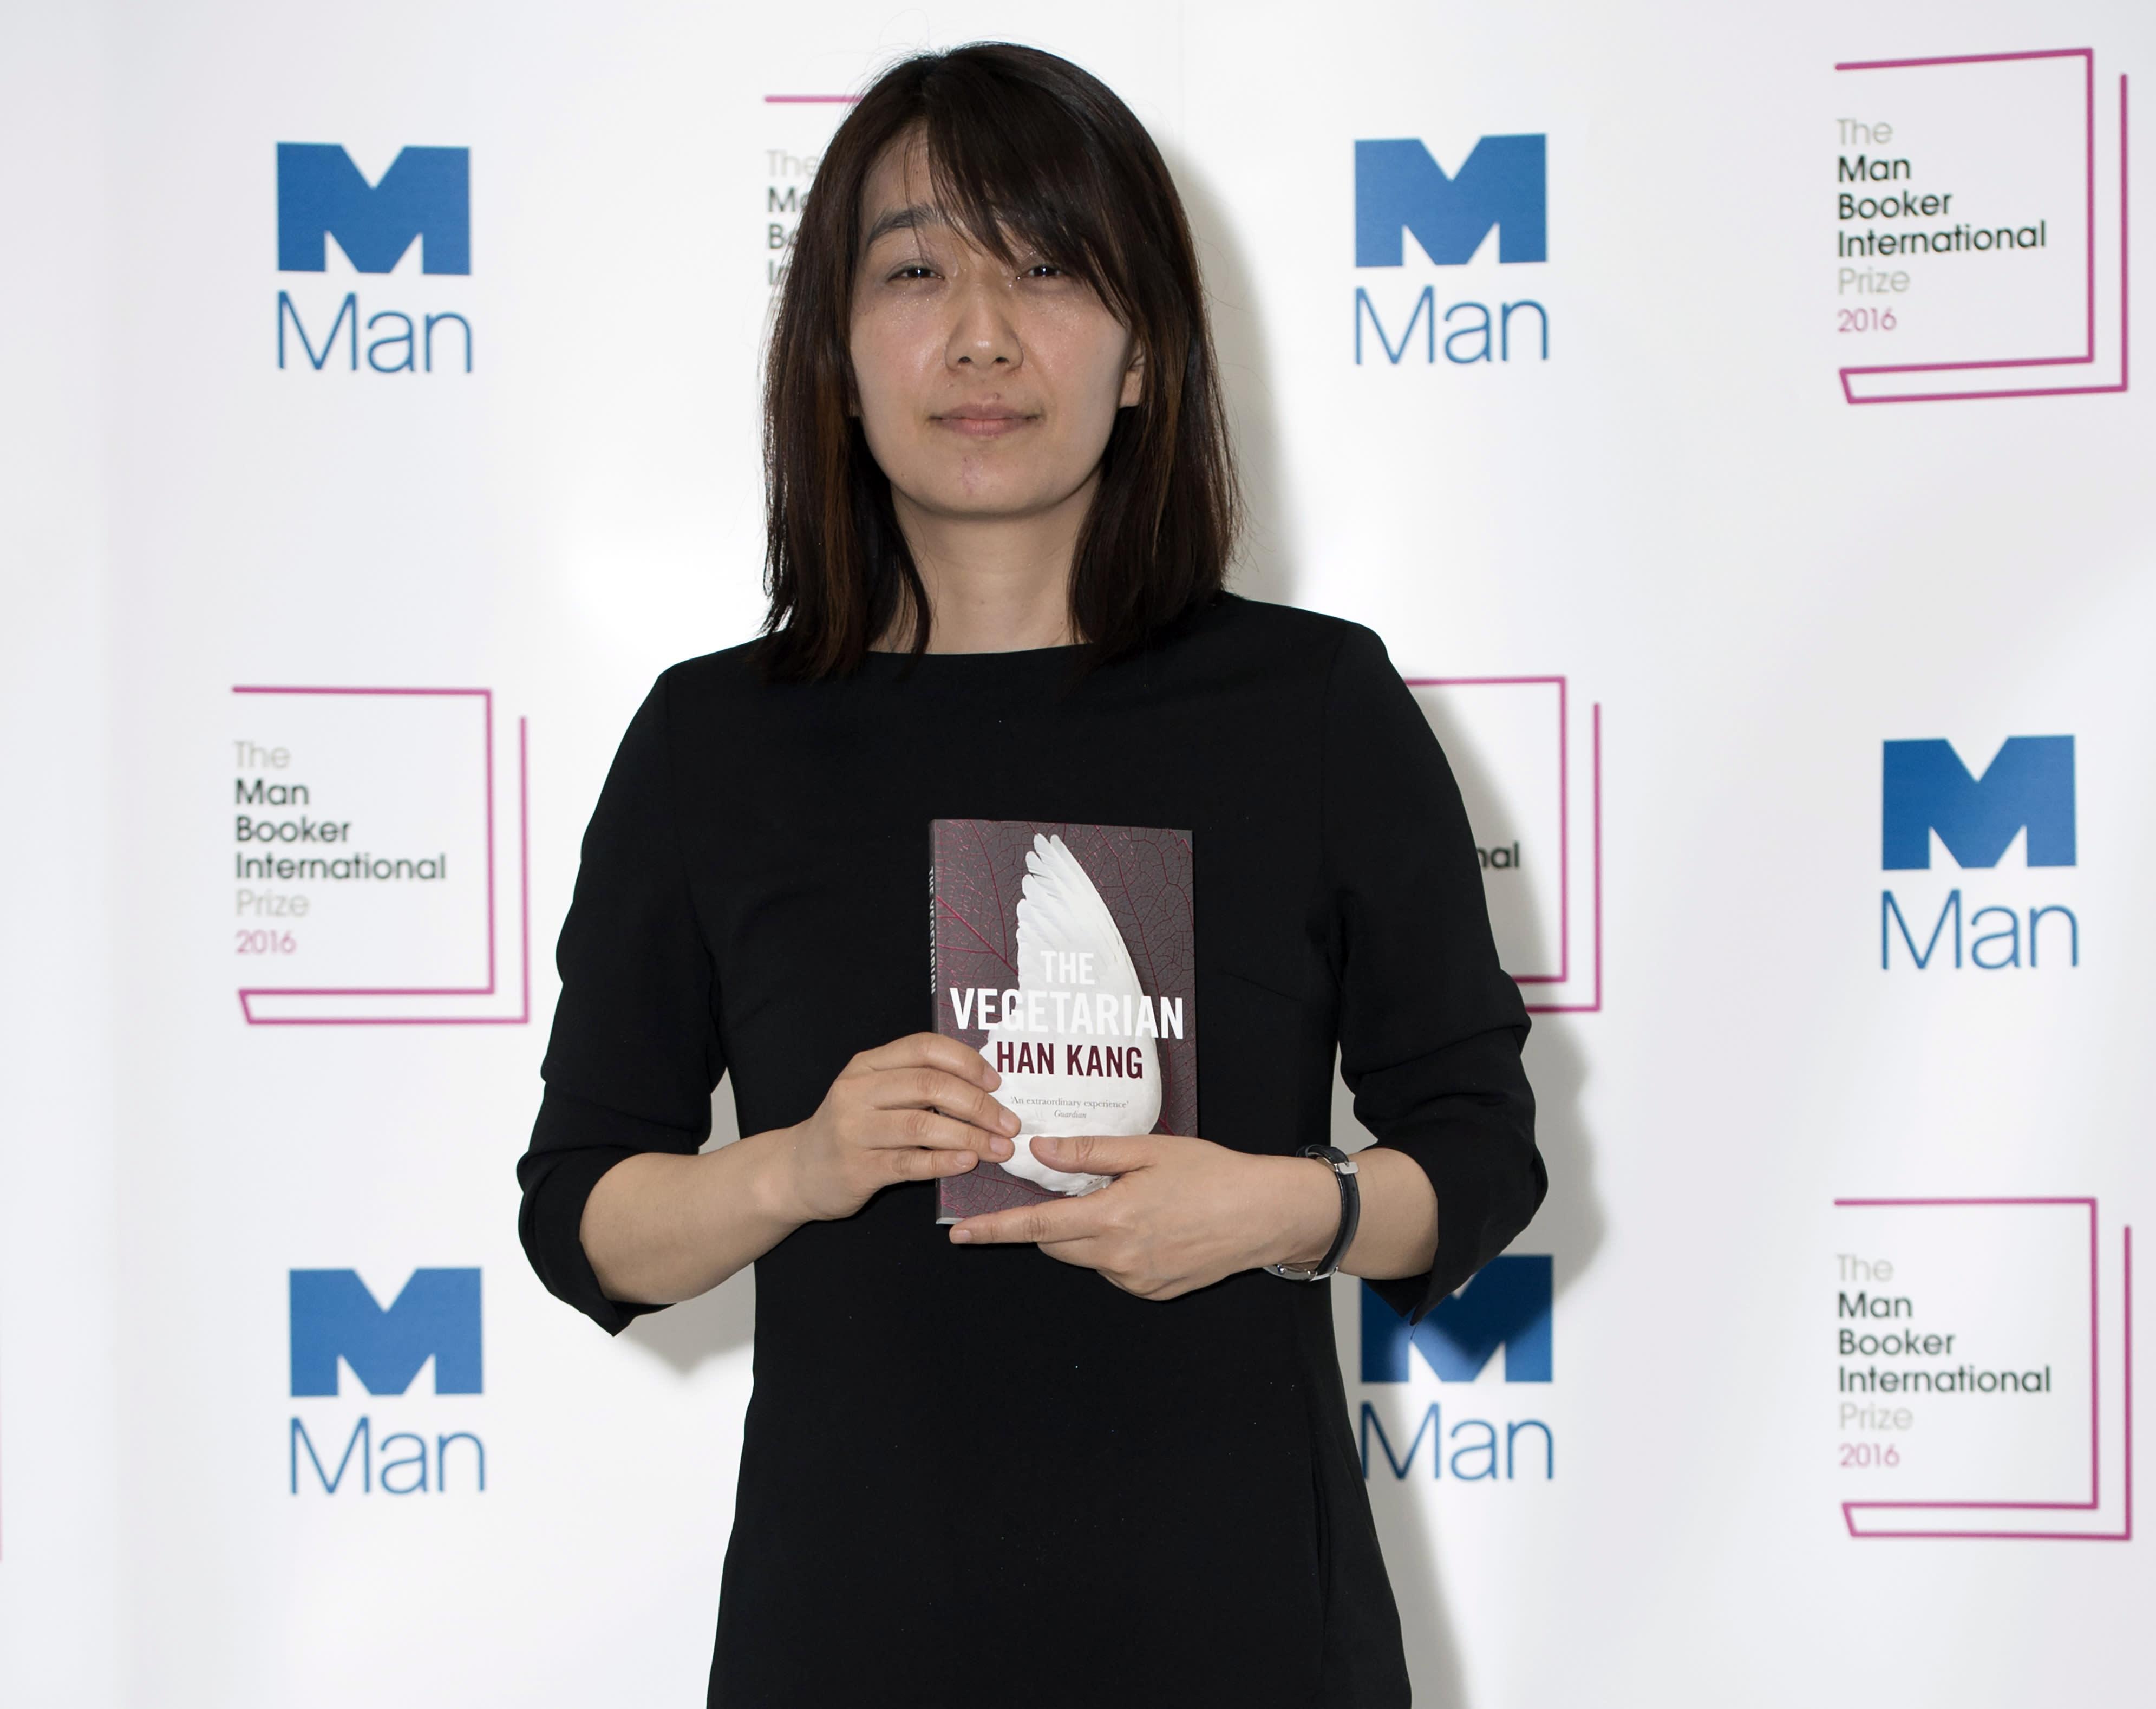 Eteläkorealainen Han Kang ja teoksensa The Vegetarian on valittu kansainvälisen Man Booker -kirjallisuuspalkinnon saajaksi. Palkinto jaettiin Lontoossa 16.5. 2016.